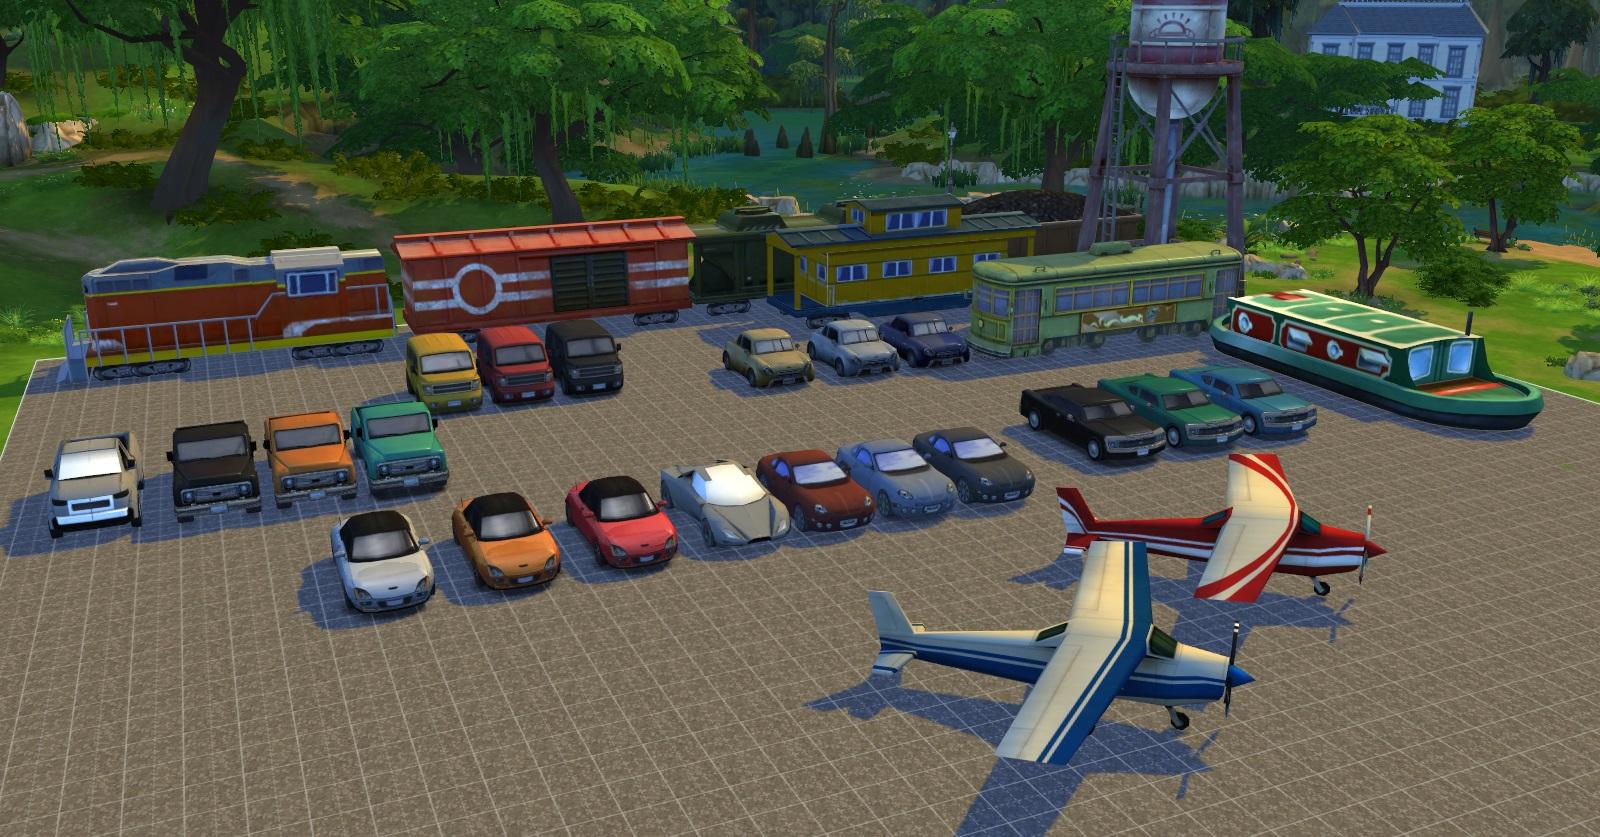 vehiculos en los sims 2: